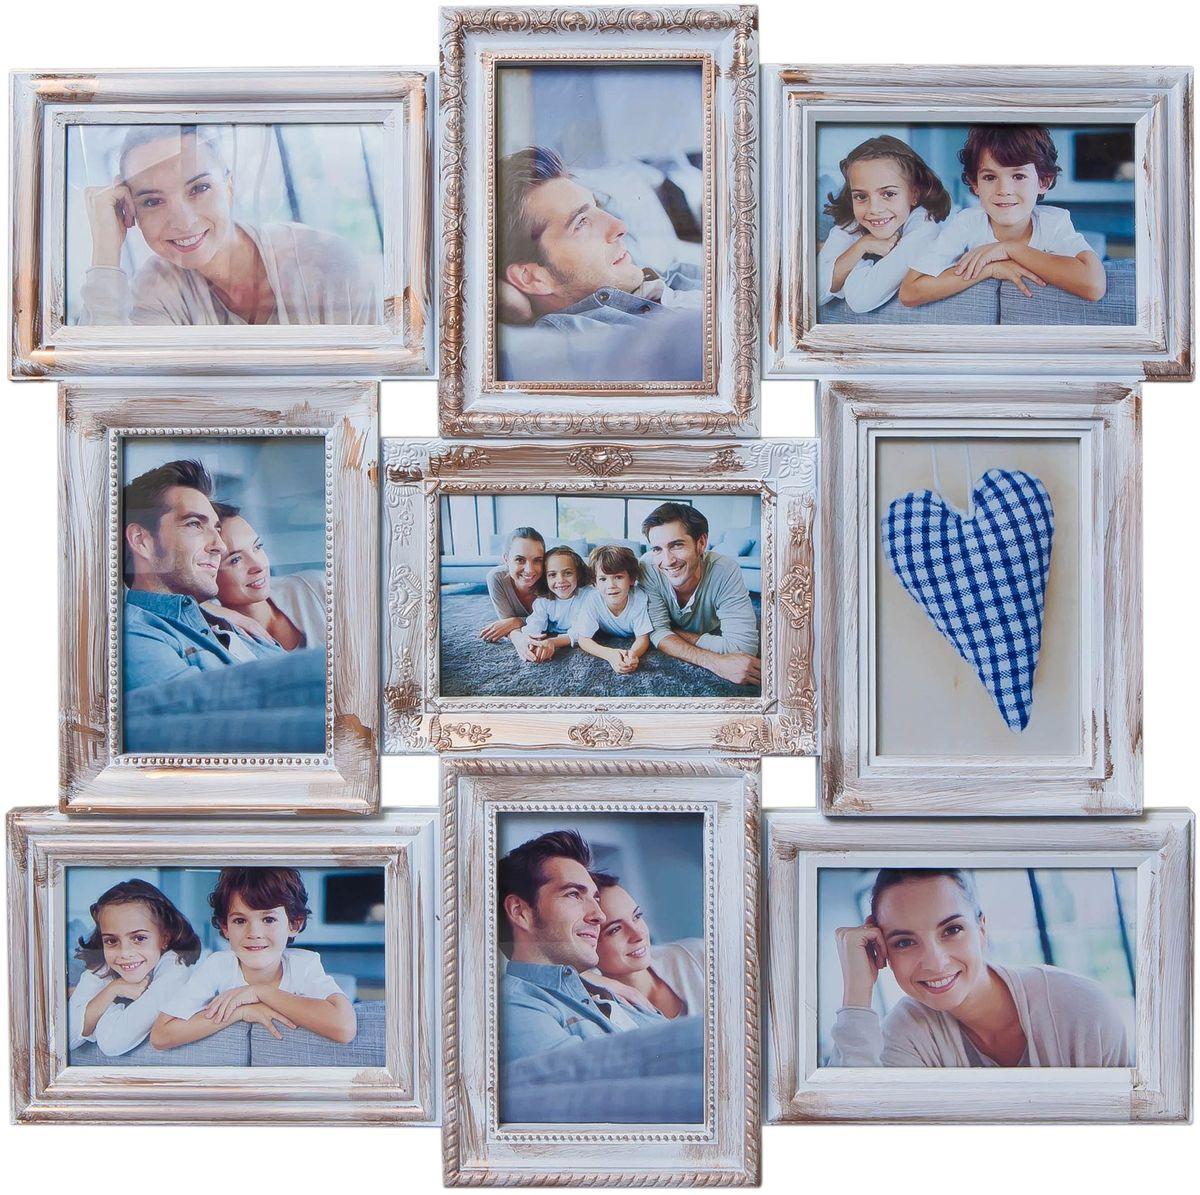 Коллаж Platinum, цвет: белый, золотистый, 9 фоторамок. BIN-112184PLATINUM BIN-112133 Серебряный (Silver)Пластиковый коллаж с 9 фото 10х15.